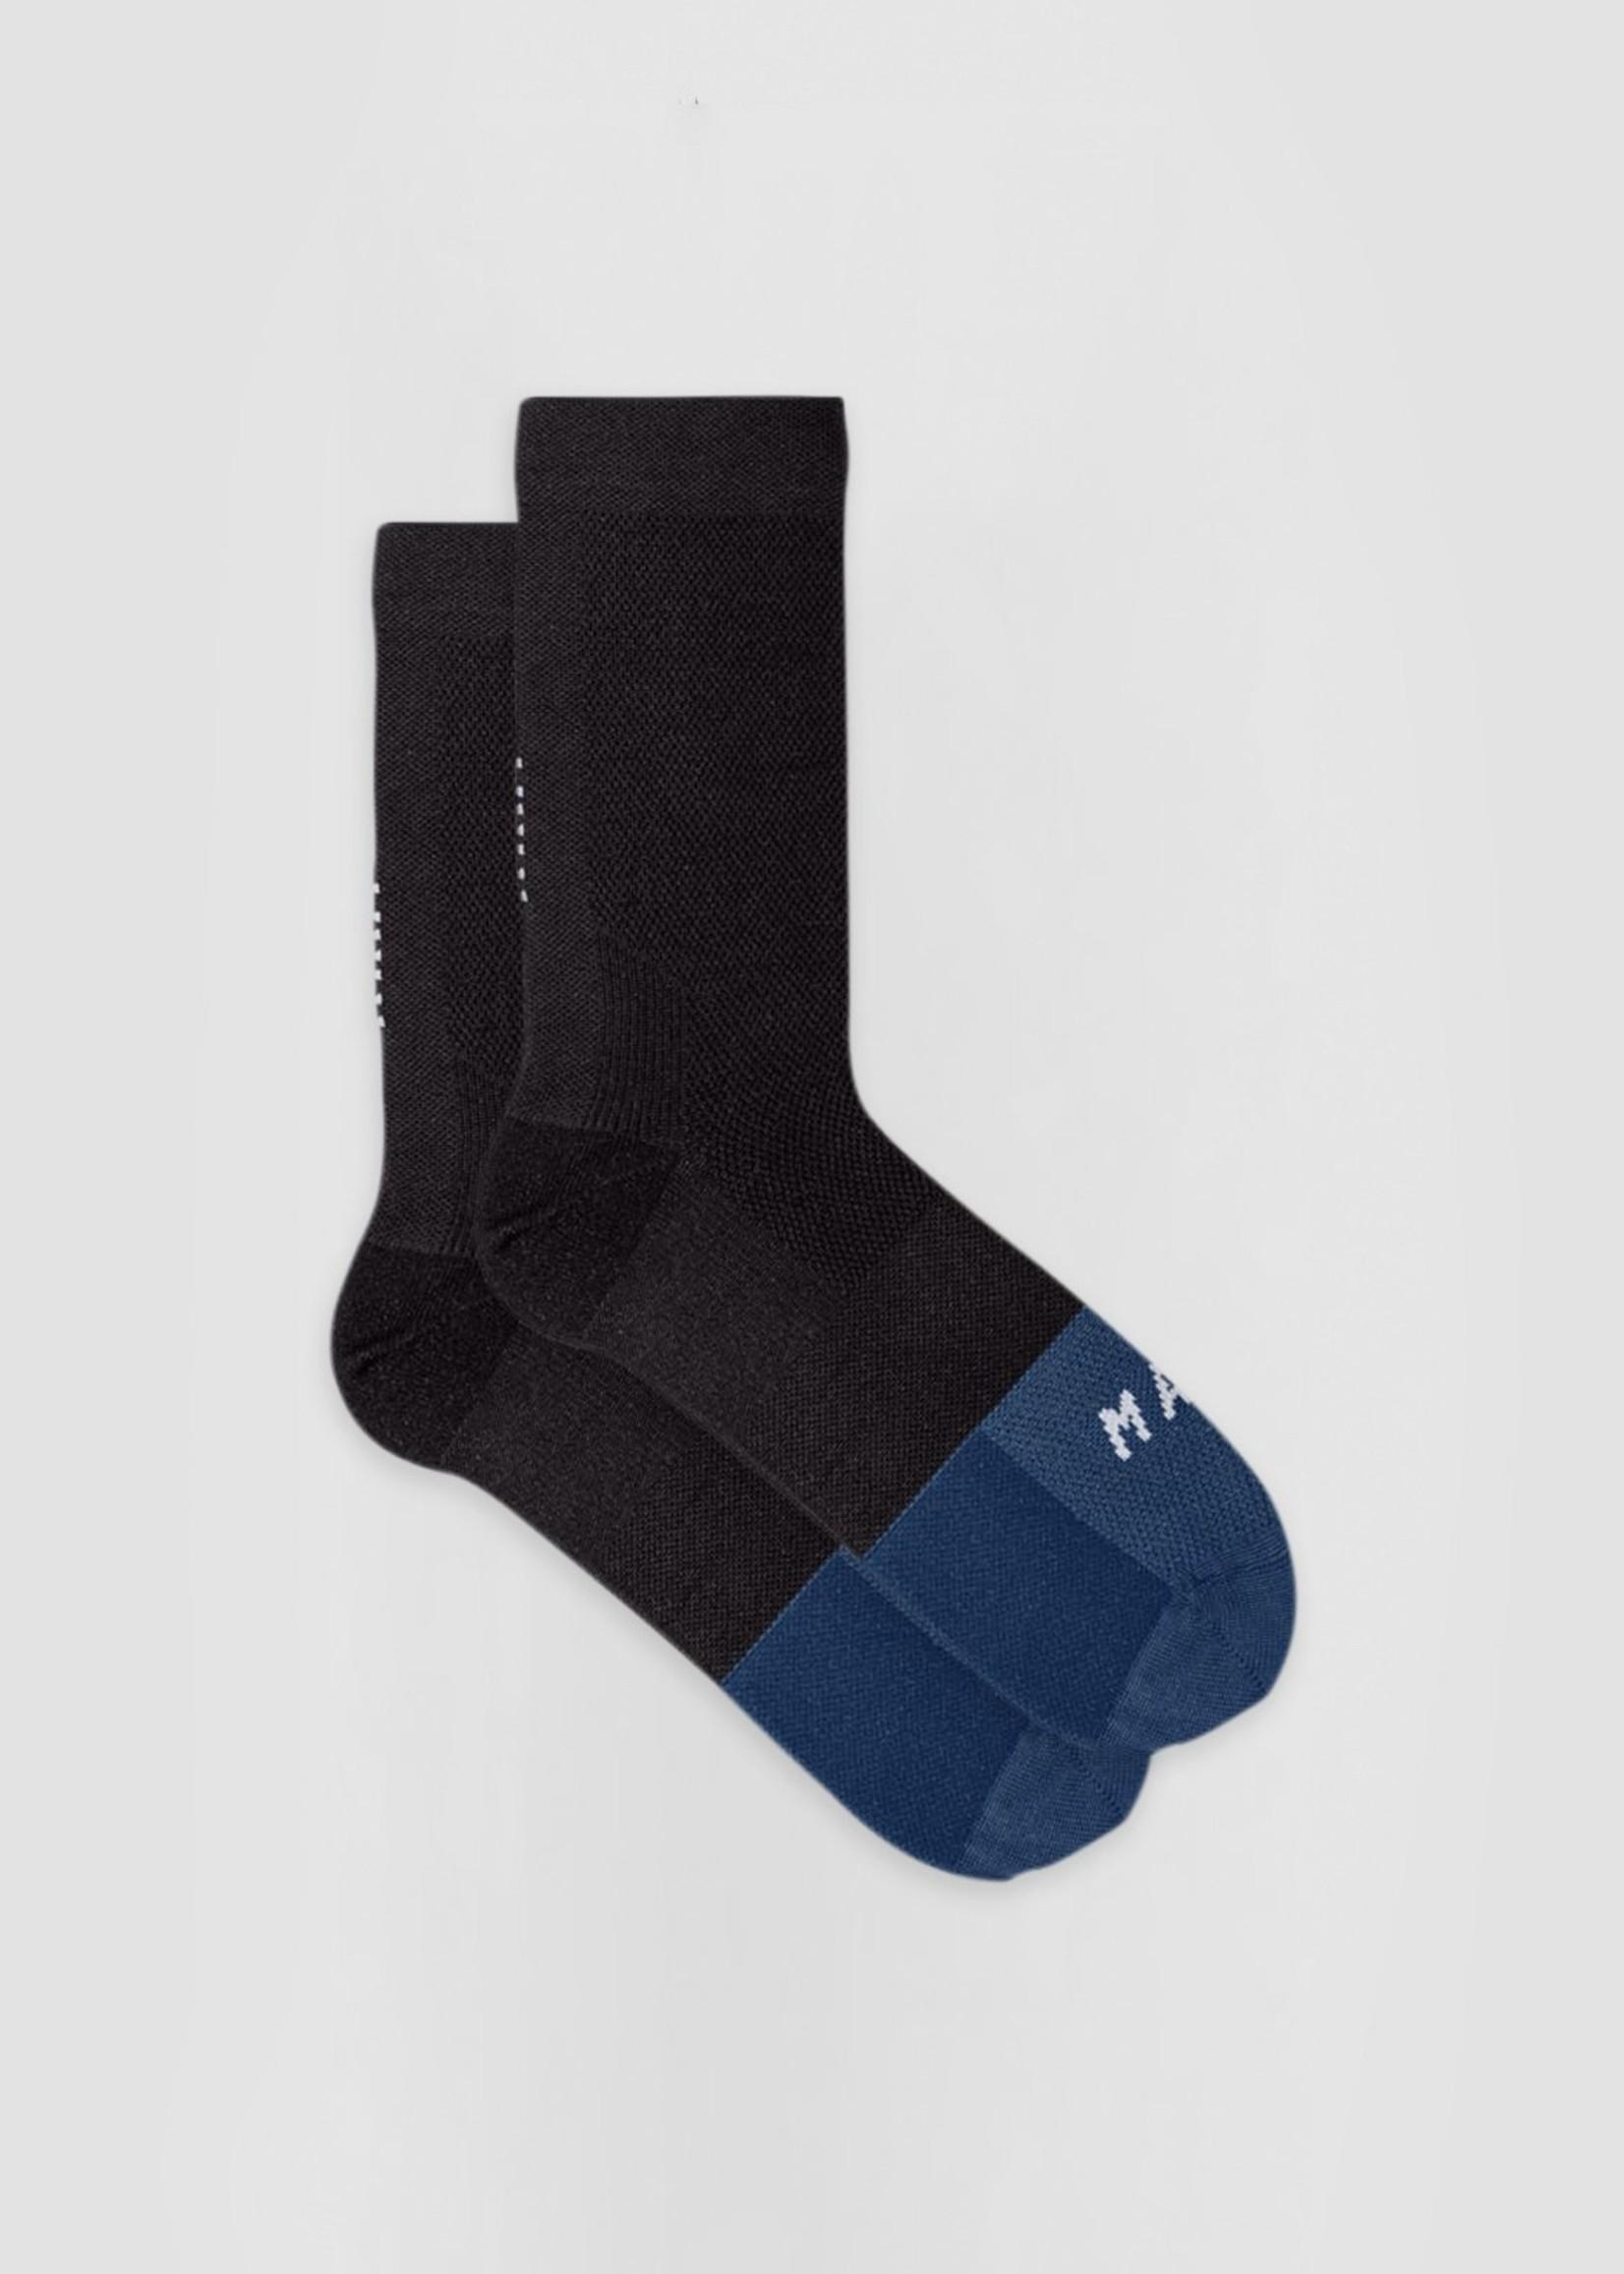 Maap Division Sock - Black